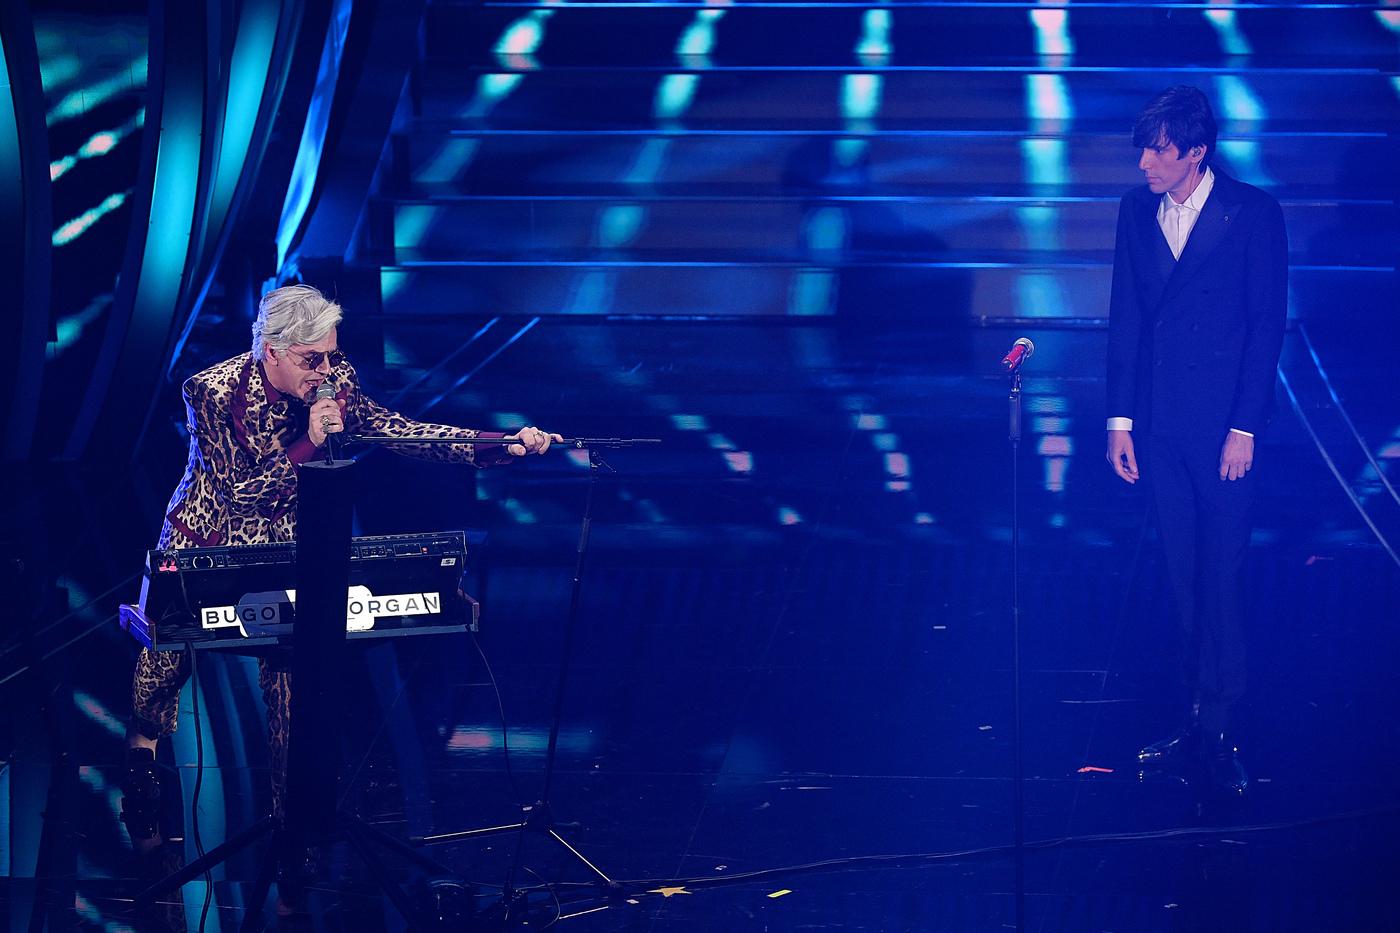 Sanremo 2020, quarta serata giovedì 7 febbraio: dissing fratricida tra Bugo e Morgan, modernità e follia ringiovaniscono  il Festival